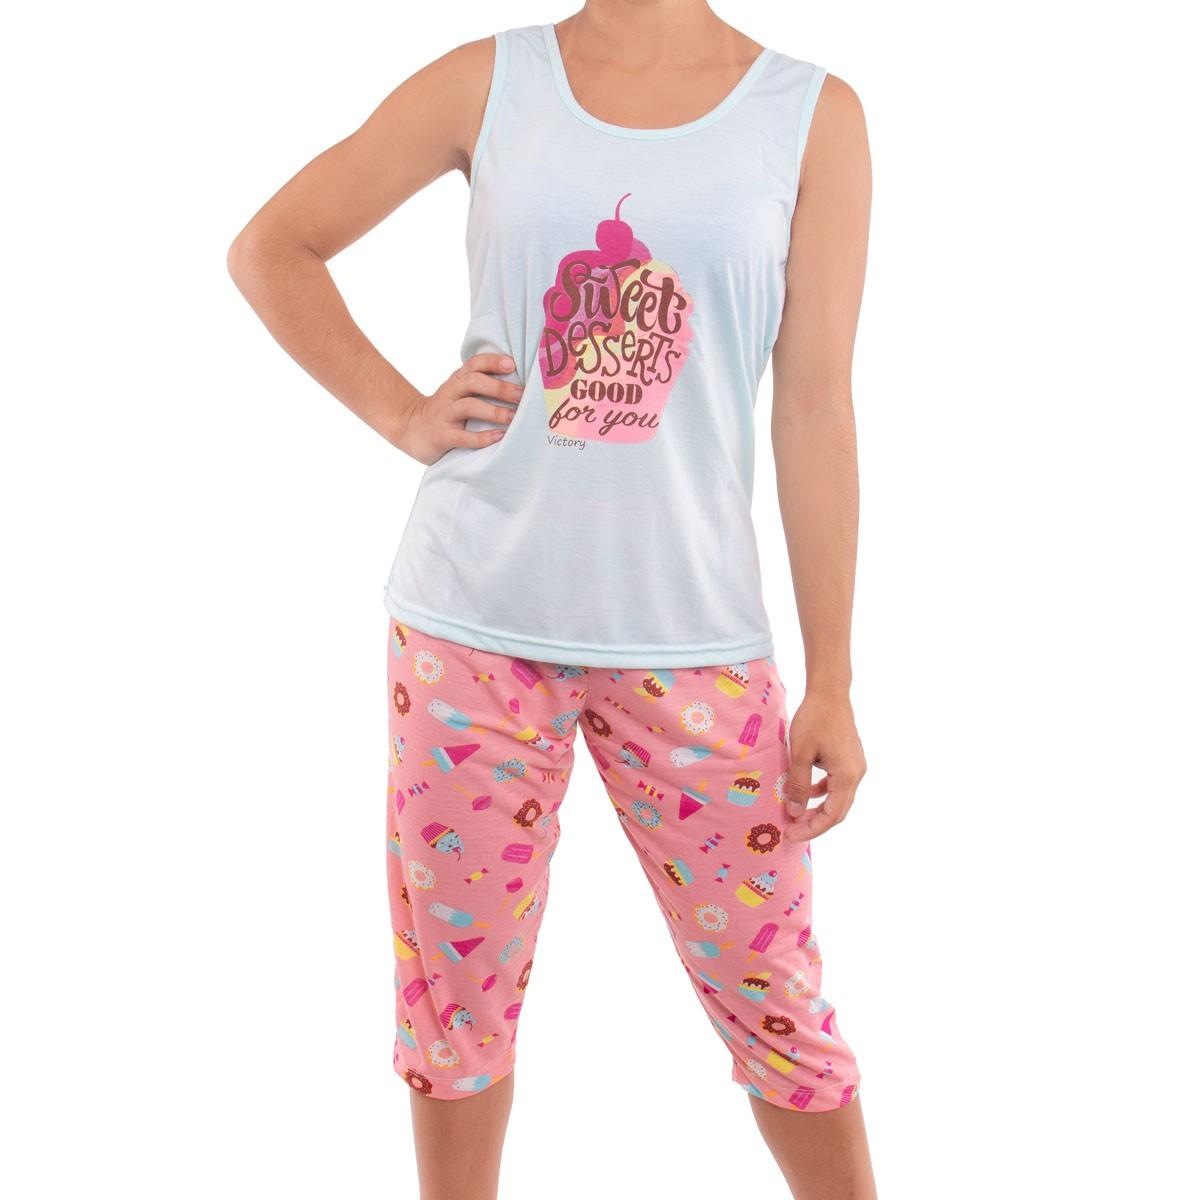 Pijama feminino de verão pescador Victory